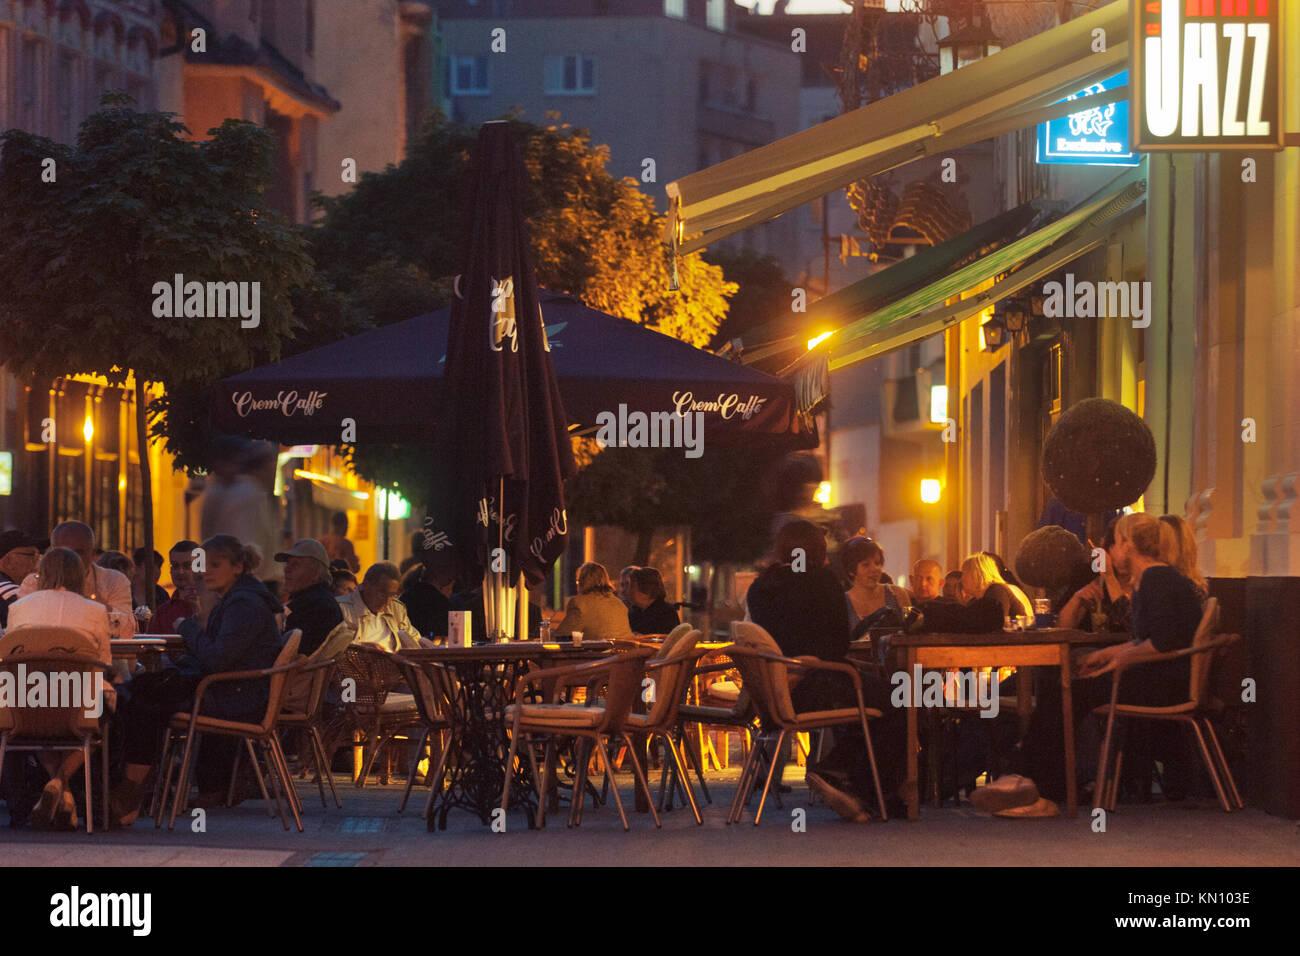 Slowakei, Piestany: Die Fussgängerzone und Einkaufsstrasse Winterova. Am Abend füllen sich die Strassencafes - Stock Image